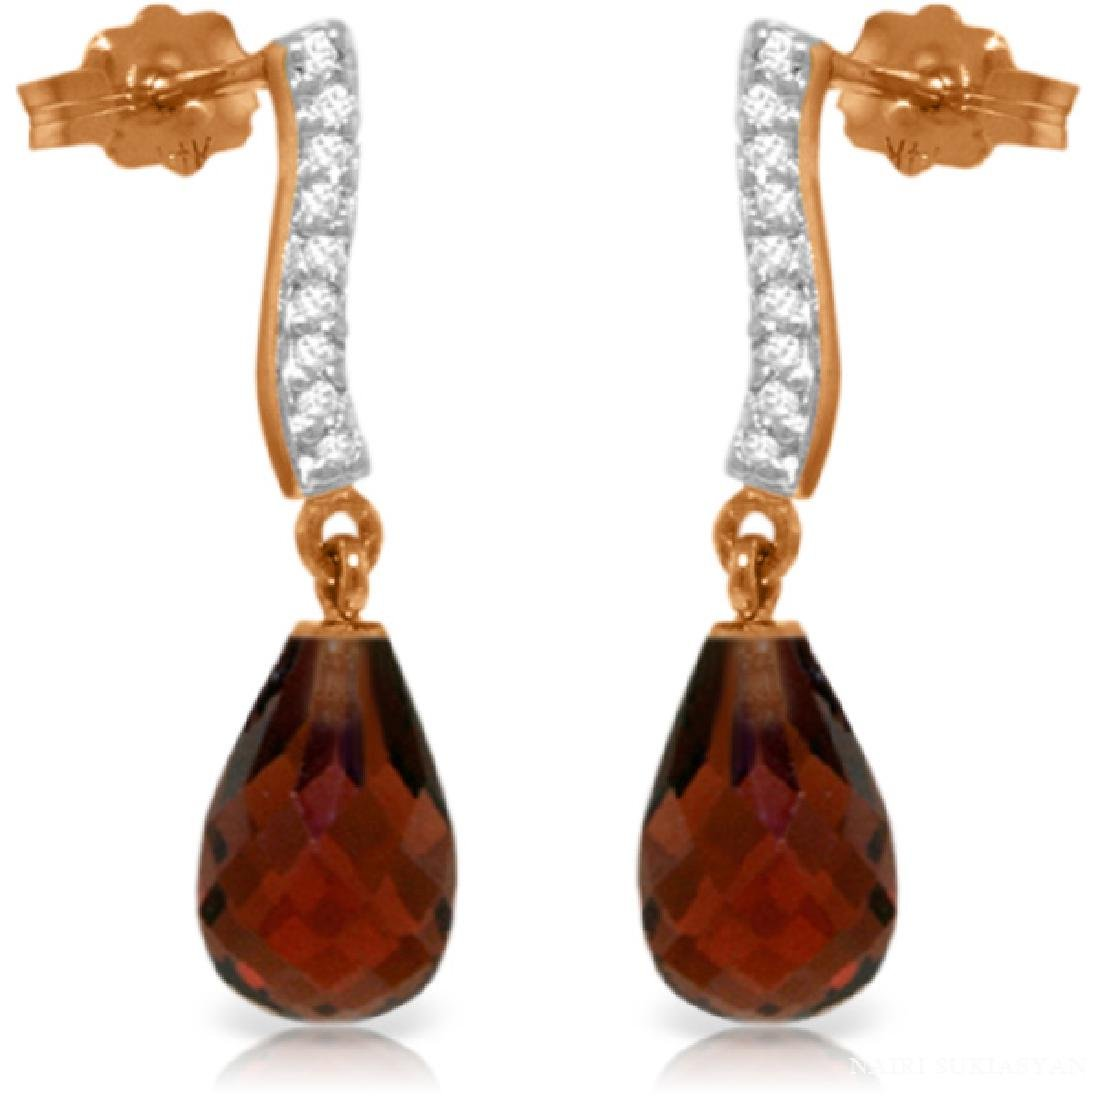 Genuine 4.78 ctw Garnet & Diamond Earrings Jewelry 14KT